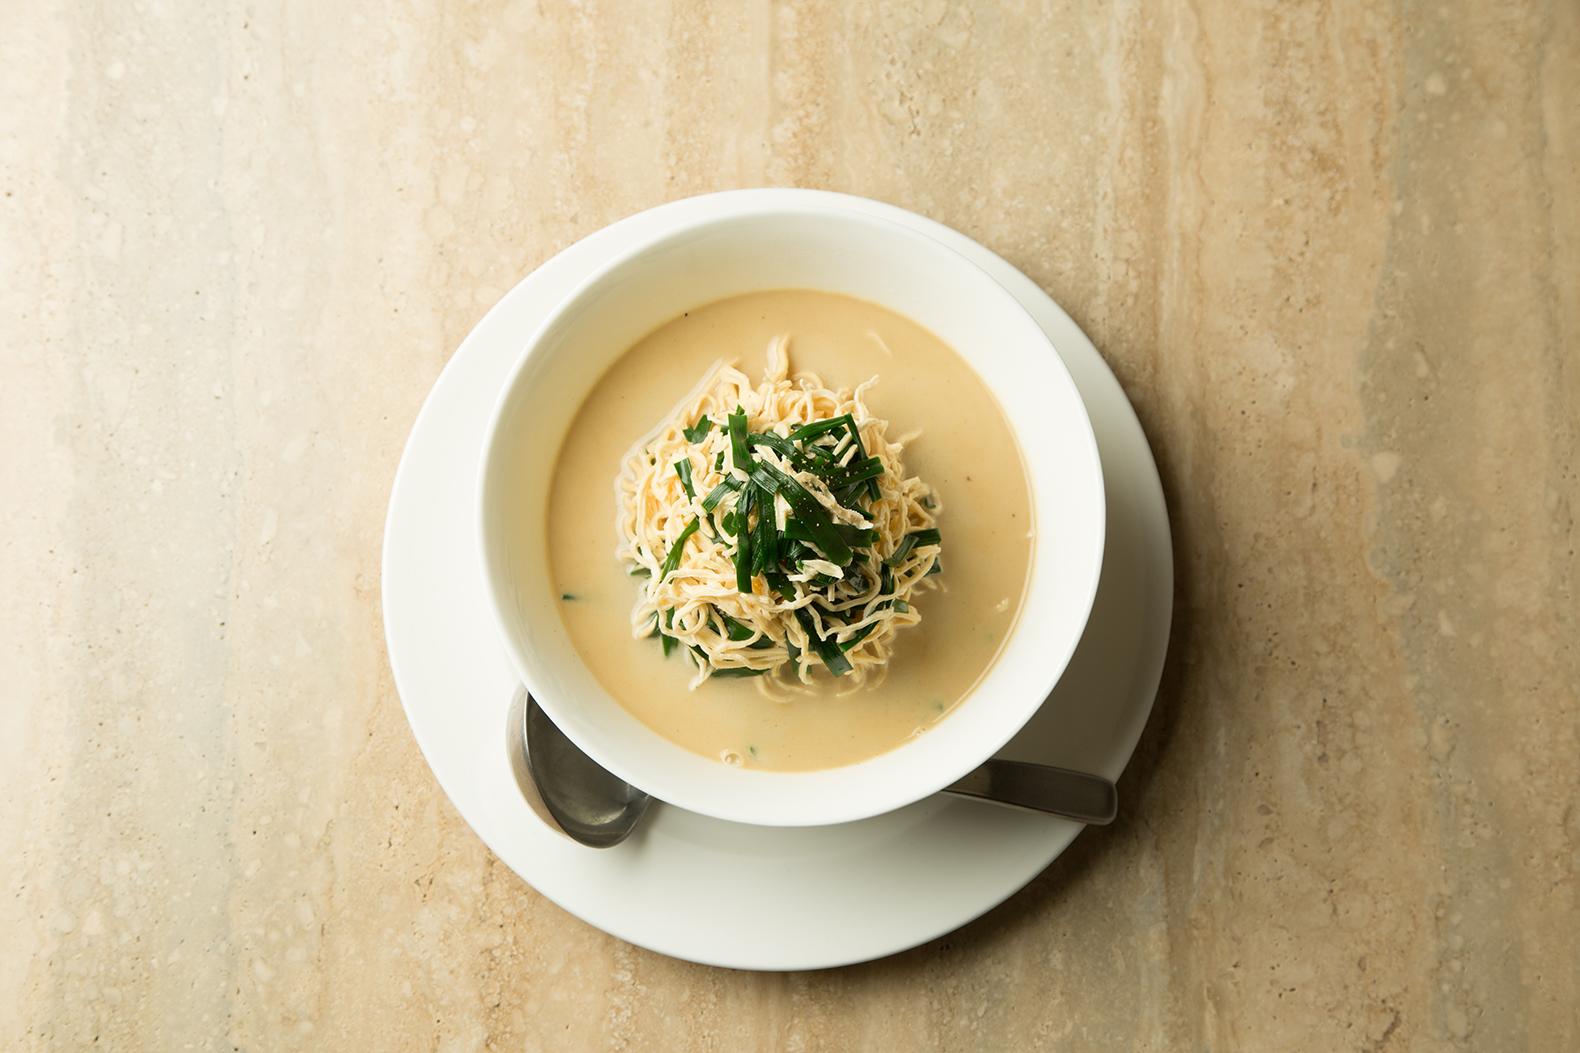 100%大豆の豆腐麺&鯛オンリーの白濁スープ! 今宵の〆はギルティーフリー!